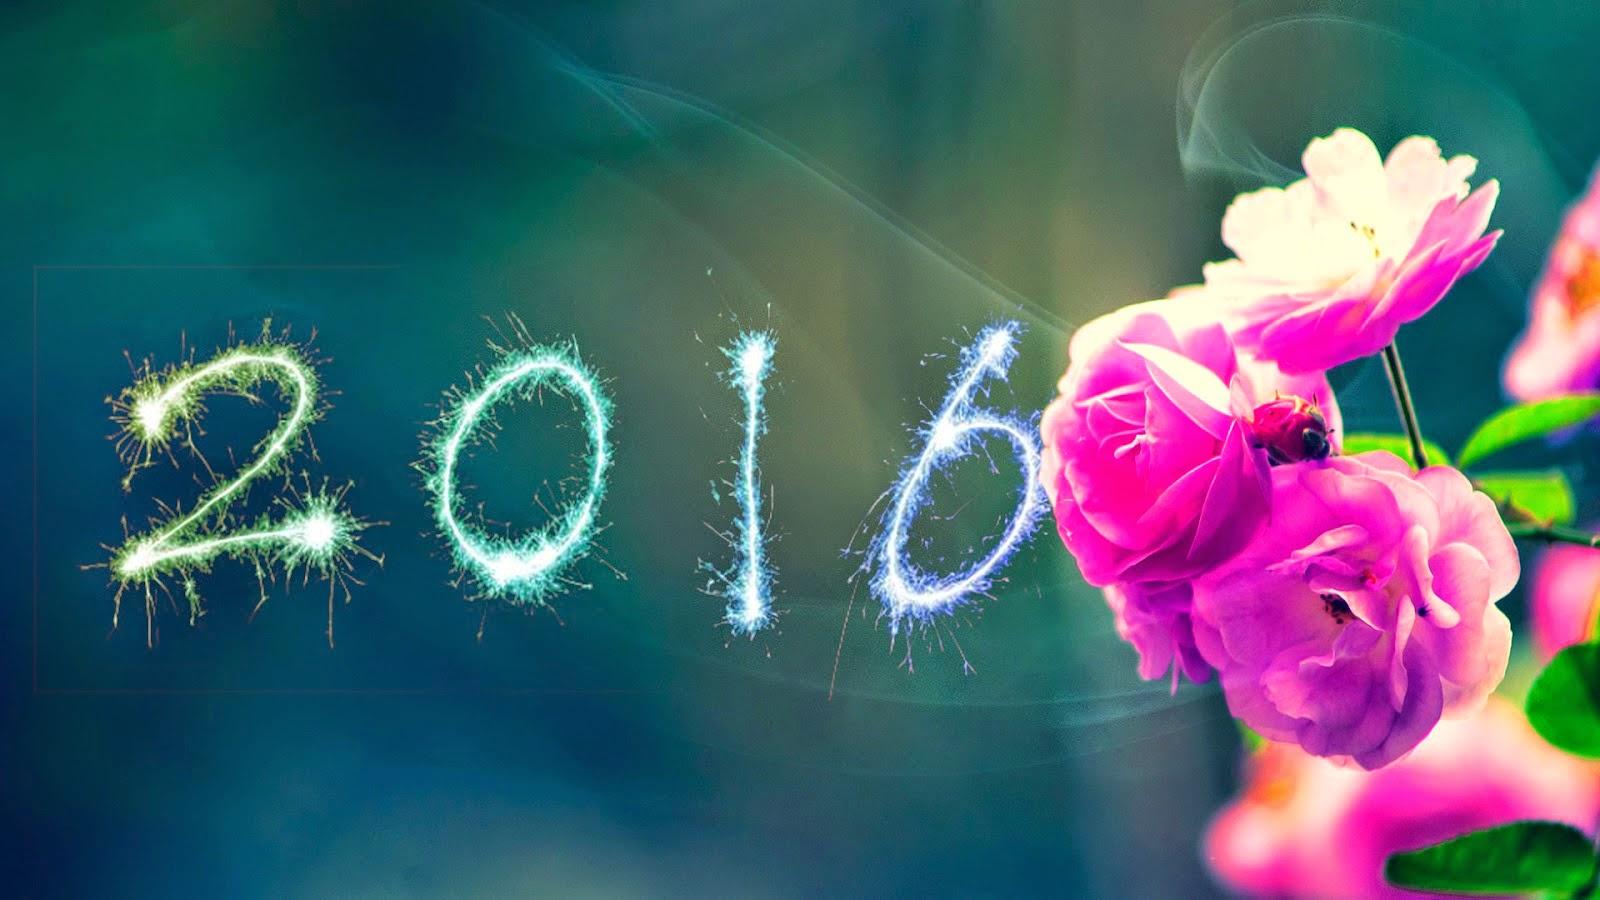 Yeni y l mesajlar 2016 en g zel y lba s zleri New all hd video